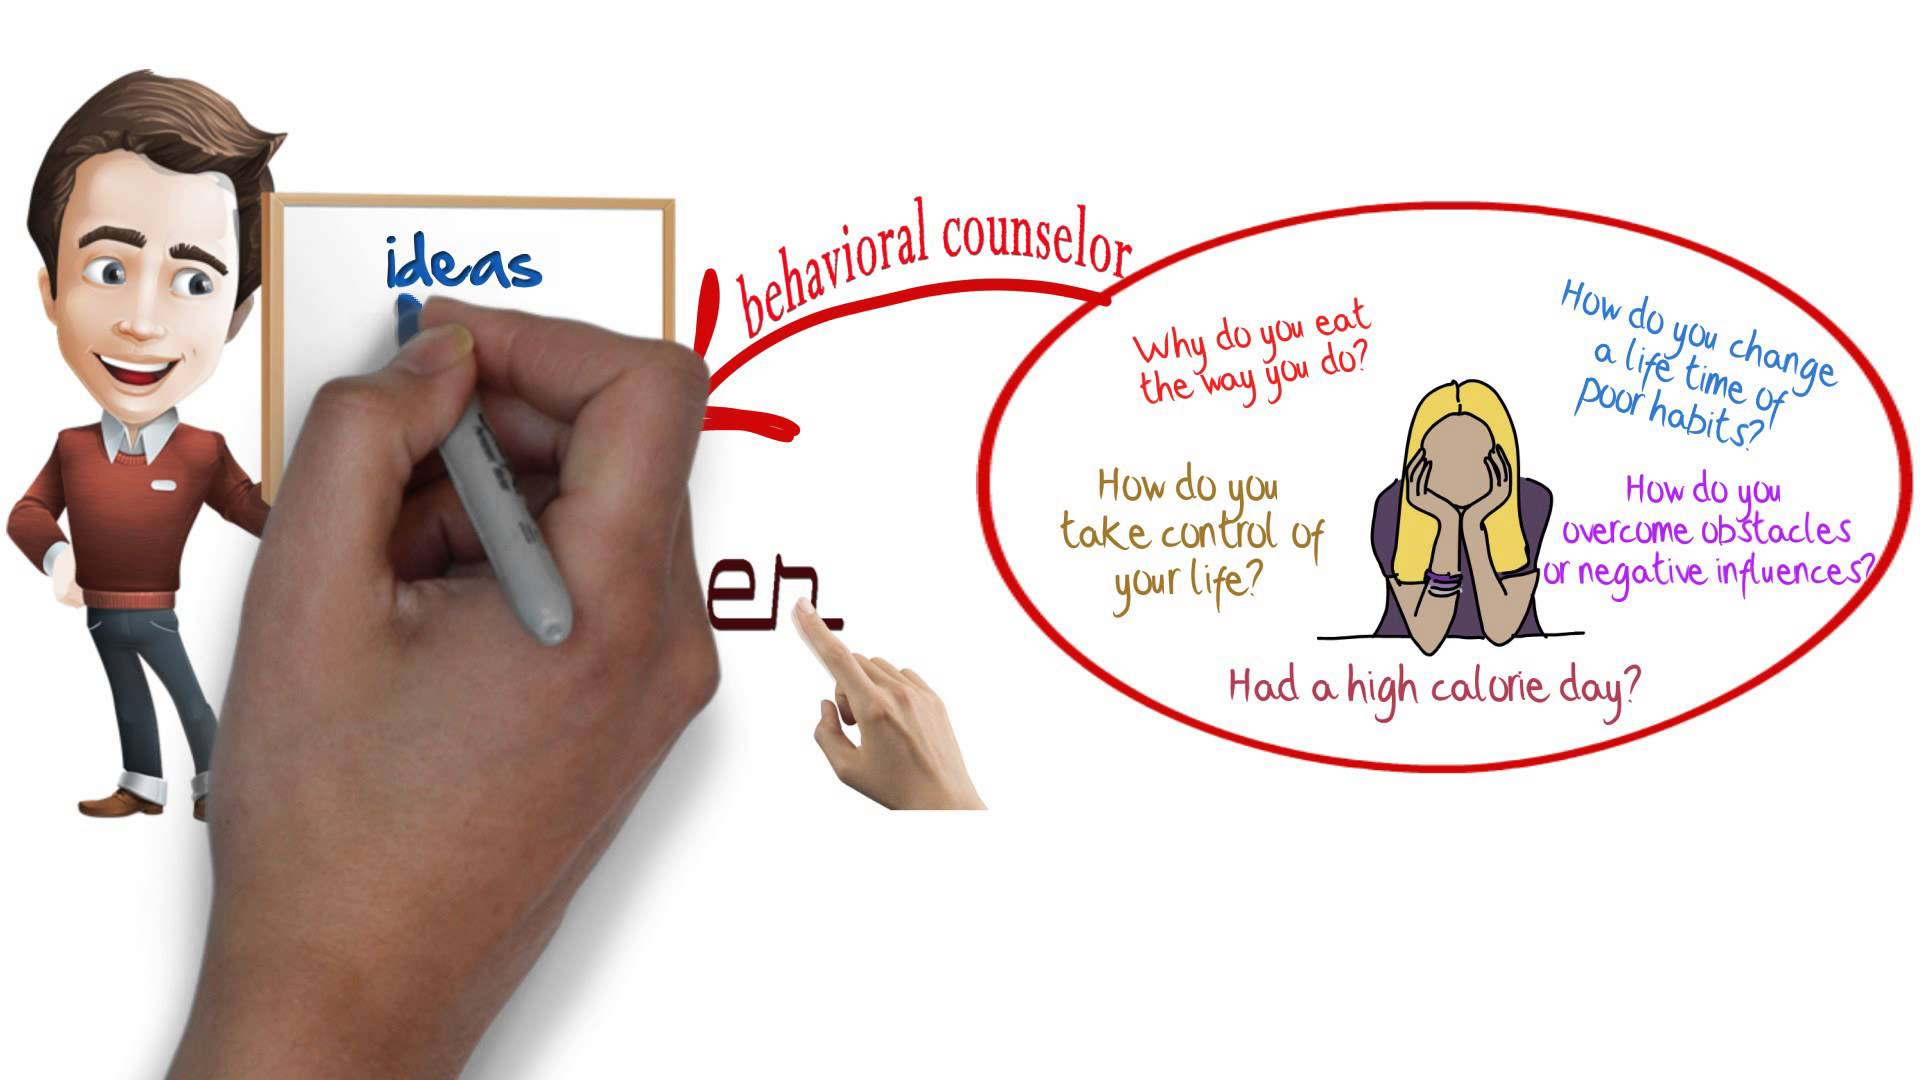 Produce whiteboard explainer animation video by Makk_bigboss